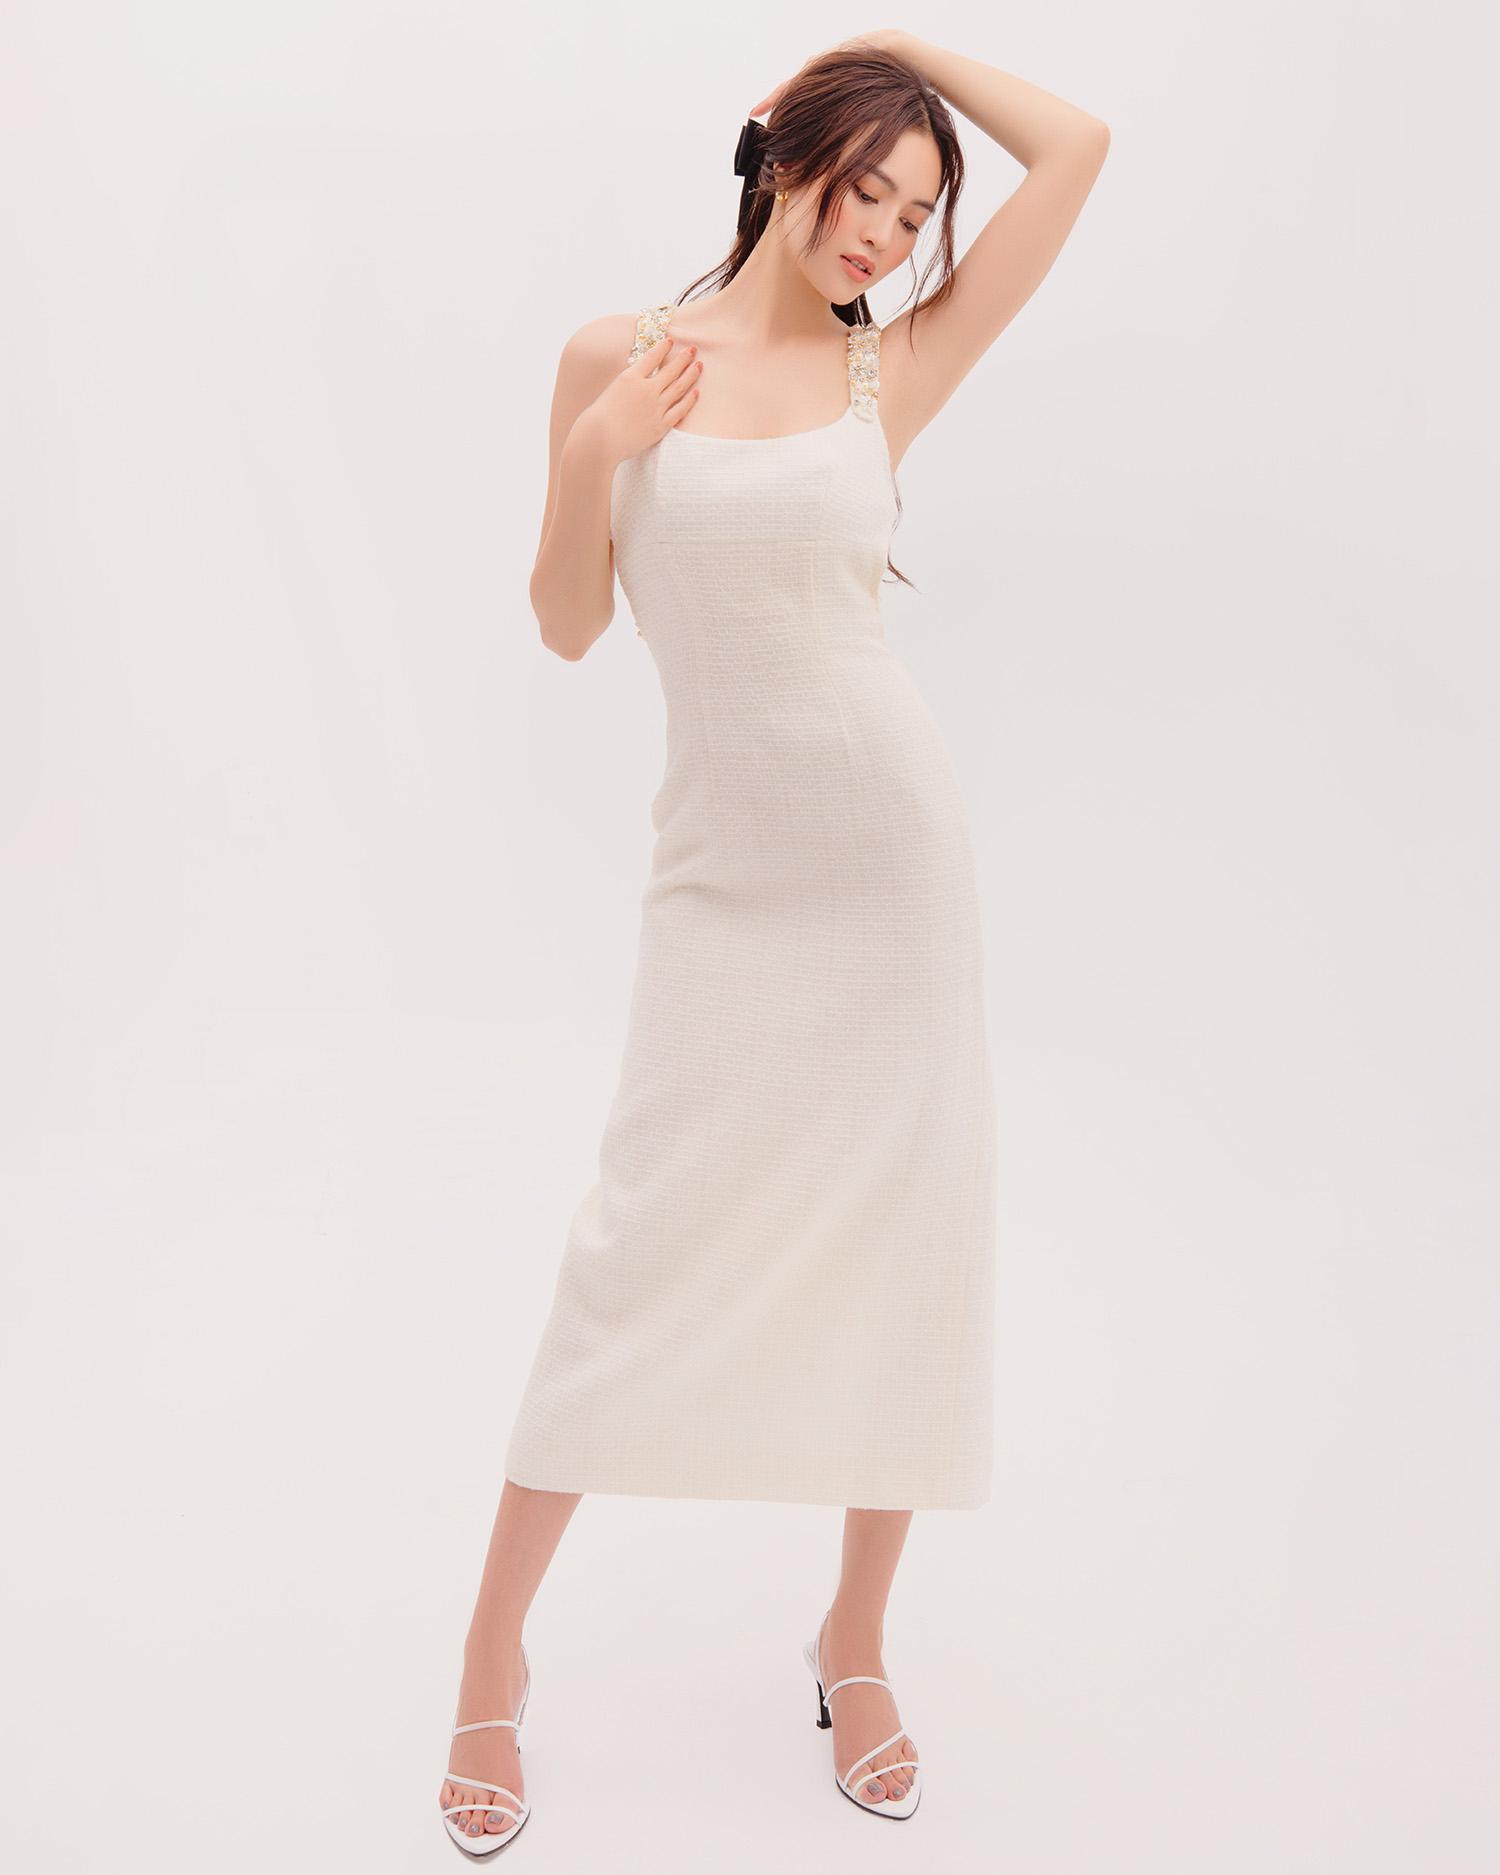 Ninh Dương Lan Ngọc trong BST của Decos cùng bộ váy trắng thanh lịch